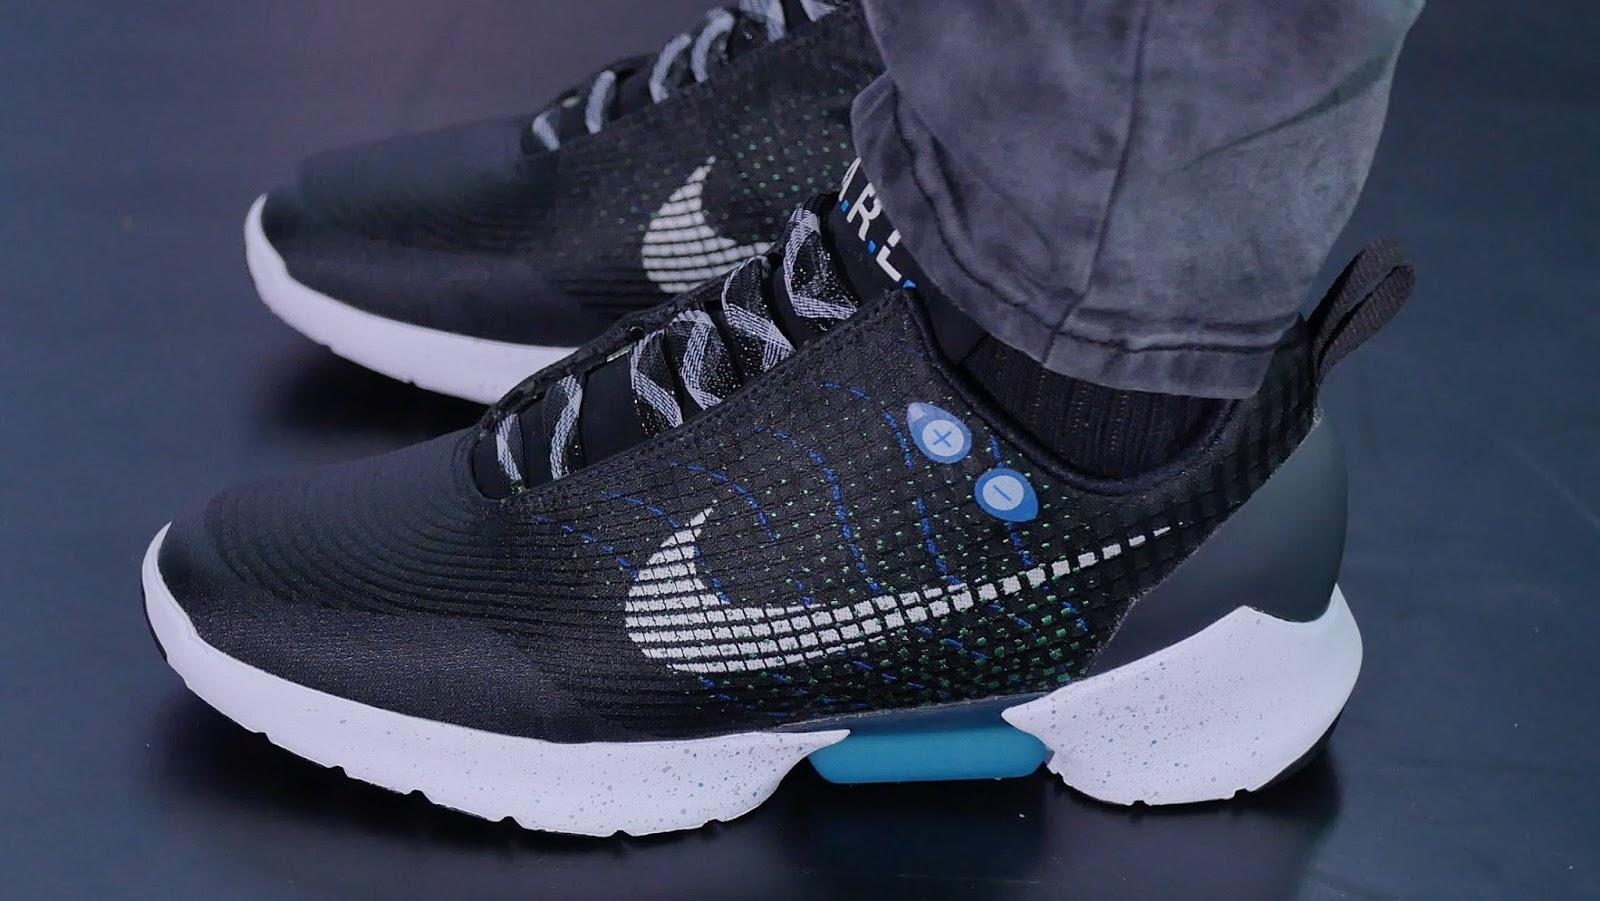 Grillo Increíble Nido  Las Zapatillas de Nike que se atan solas, HyperAdapt 1.0 mira el vídeo -  TecnoGeek